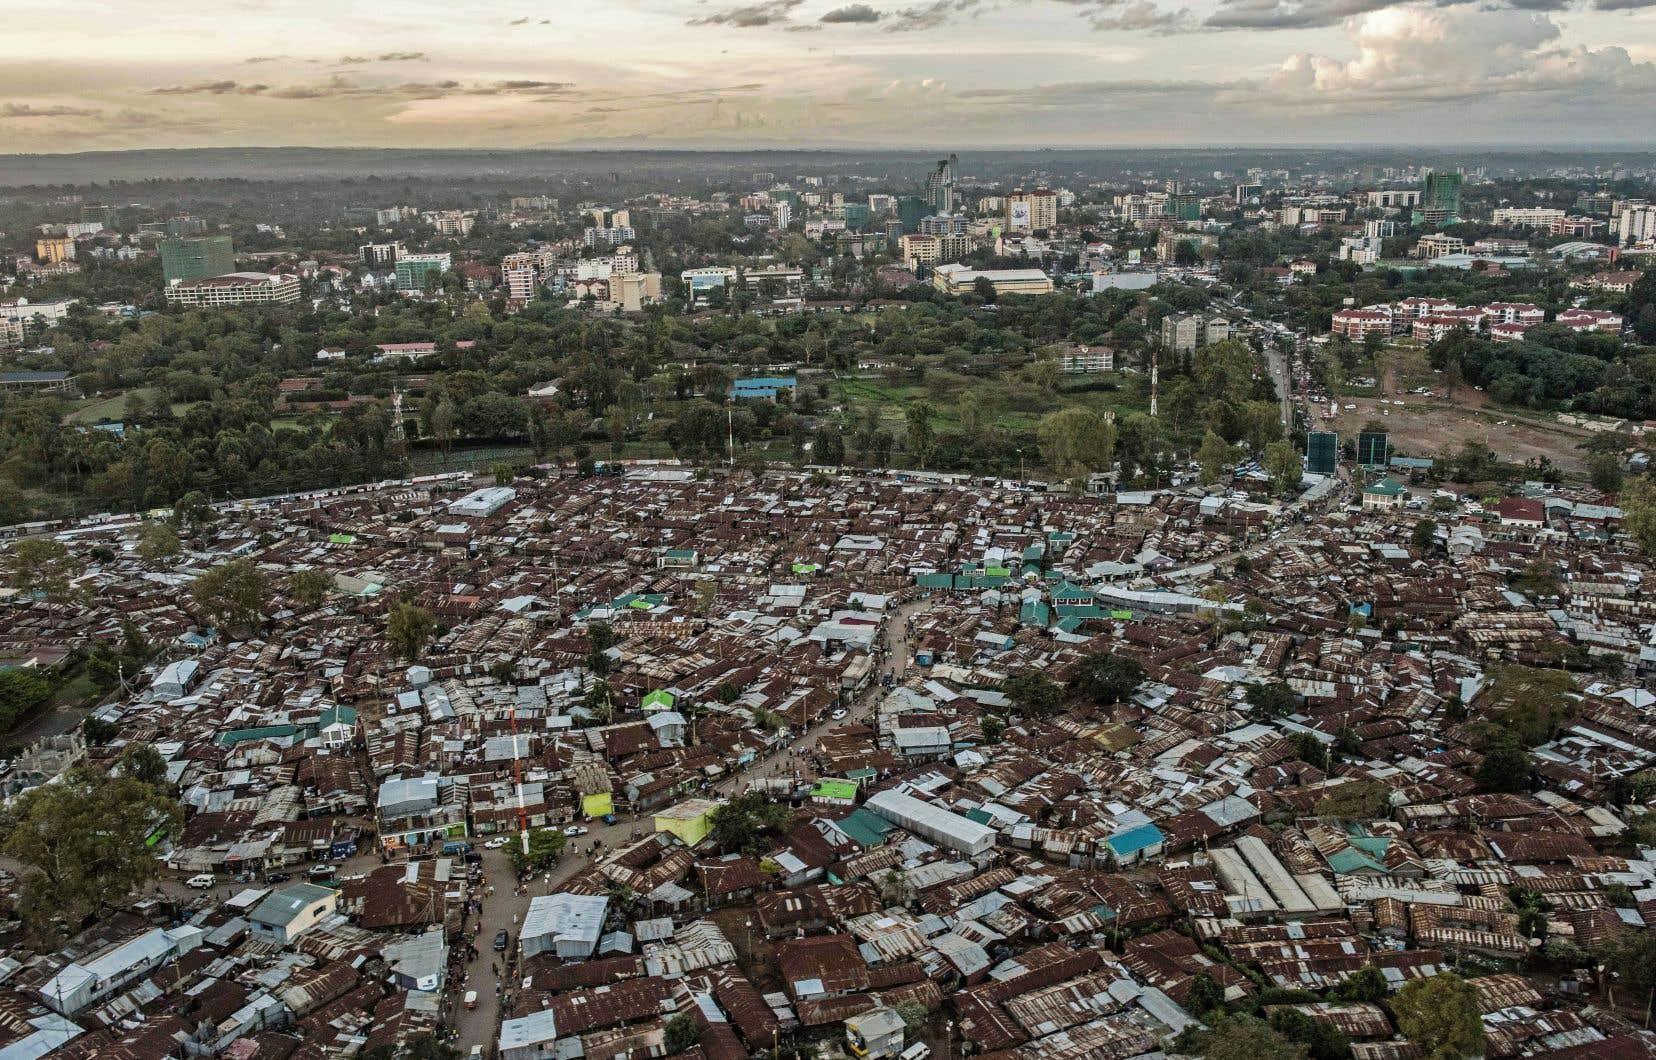 L'un des bidonvilles les plus étendus d'Afrique se situe à Kibera, près de Nairobi, où vivent un million de personnes.